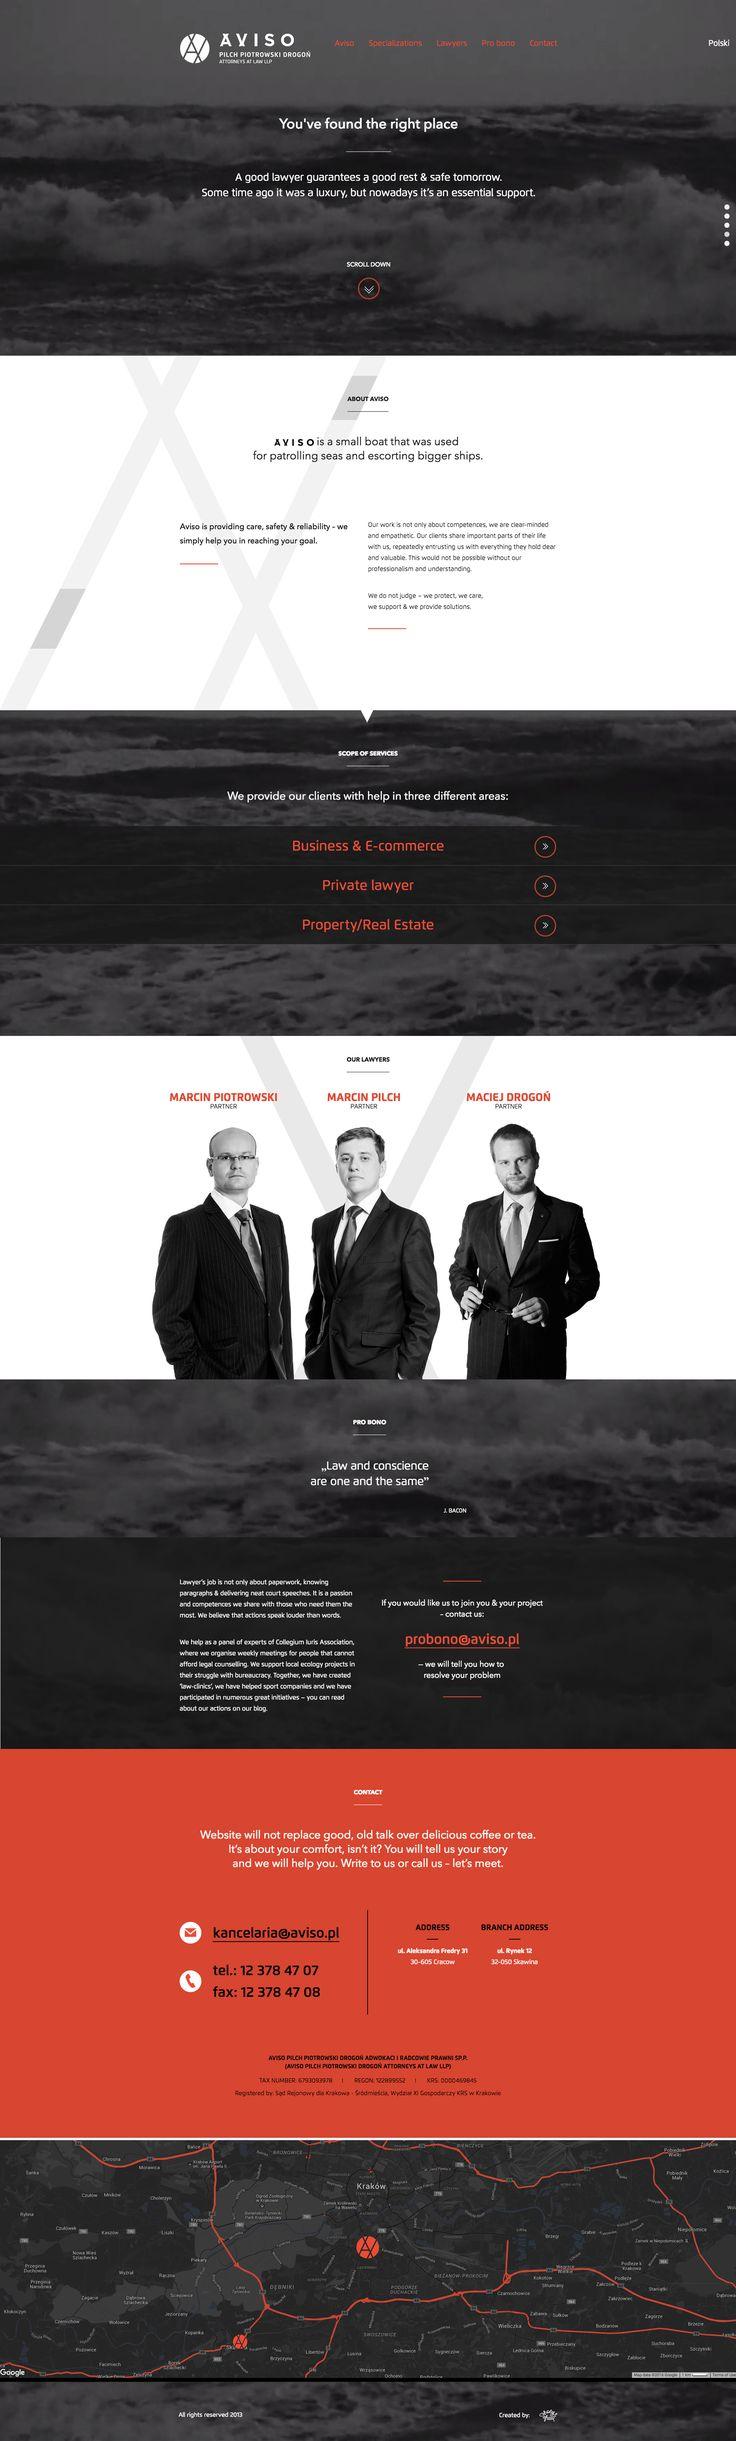 best 25+ lawyer website ideas on pinterest | law firm website, law